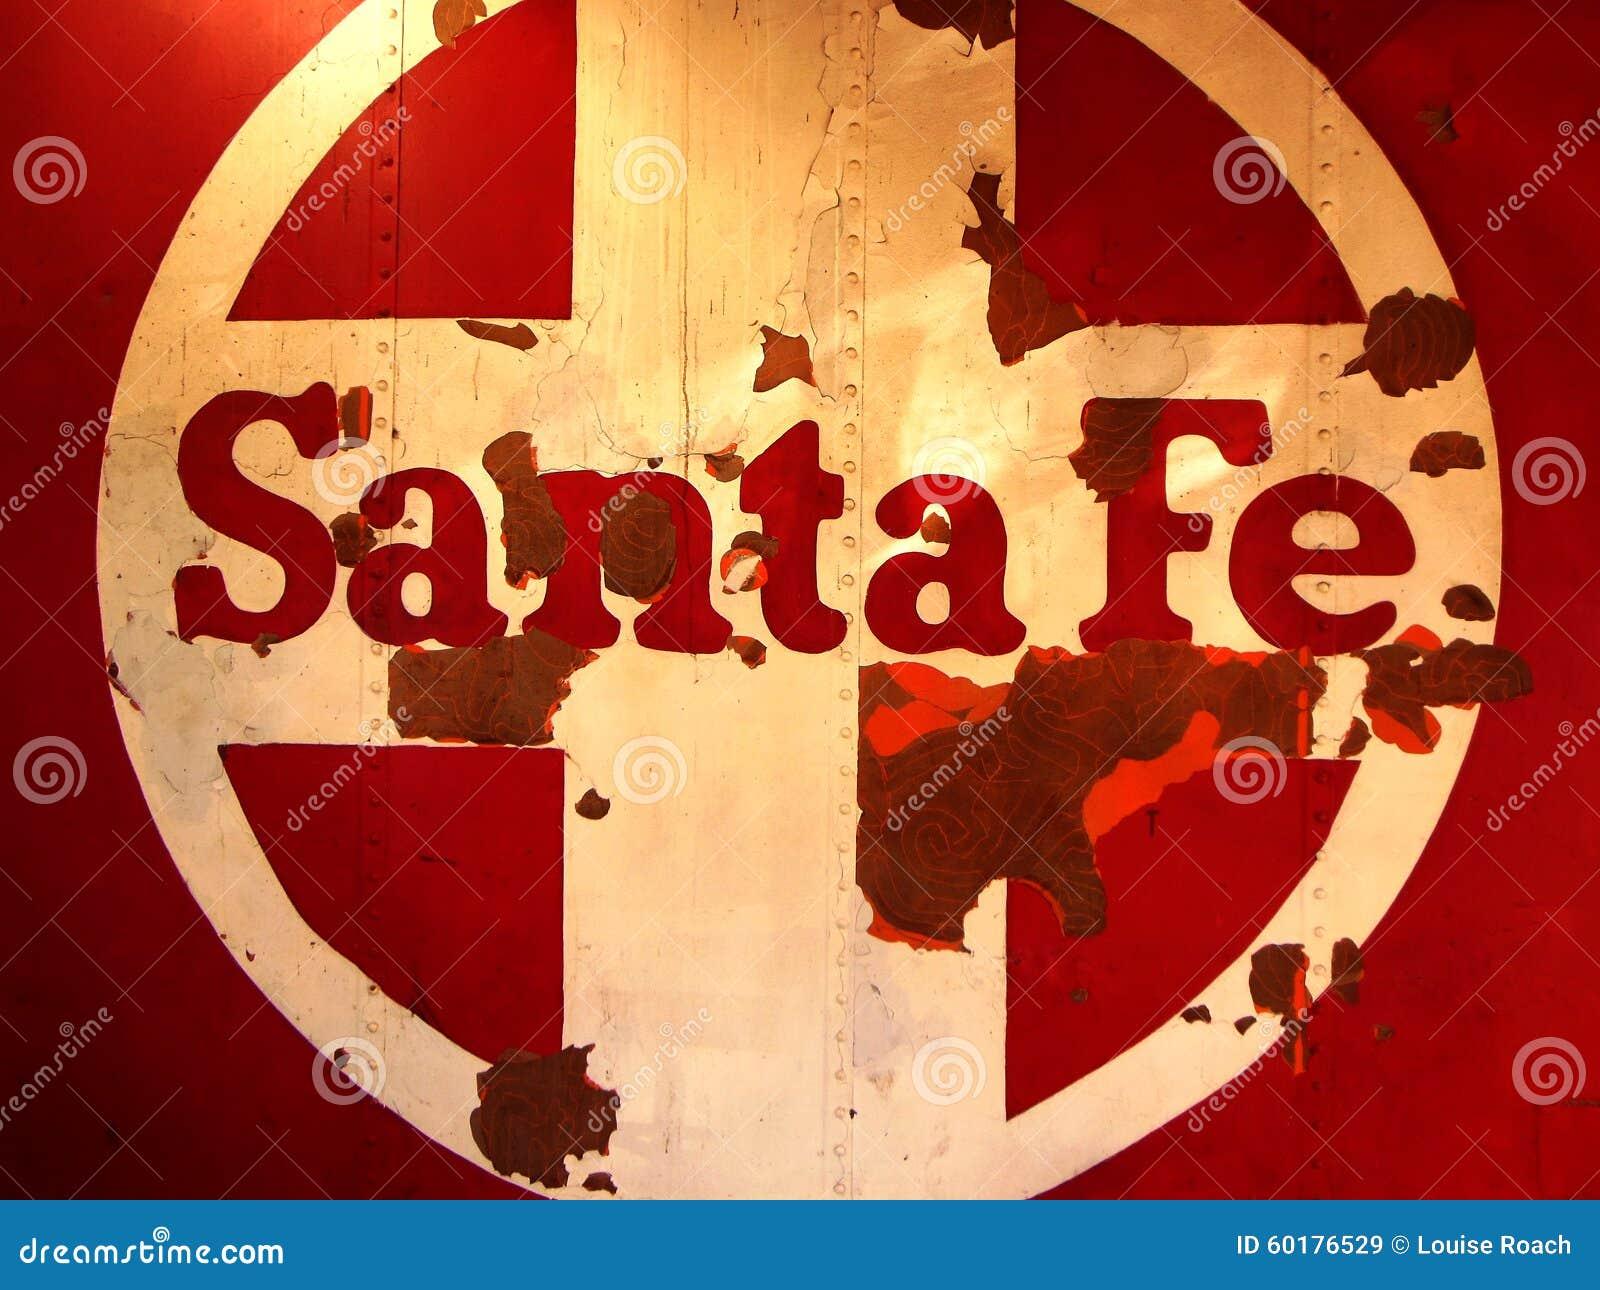 Santa Fe Train Logo